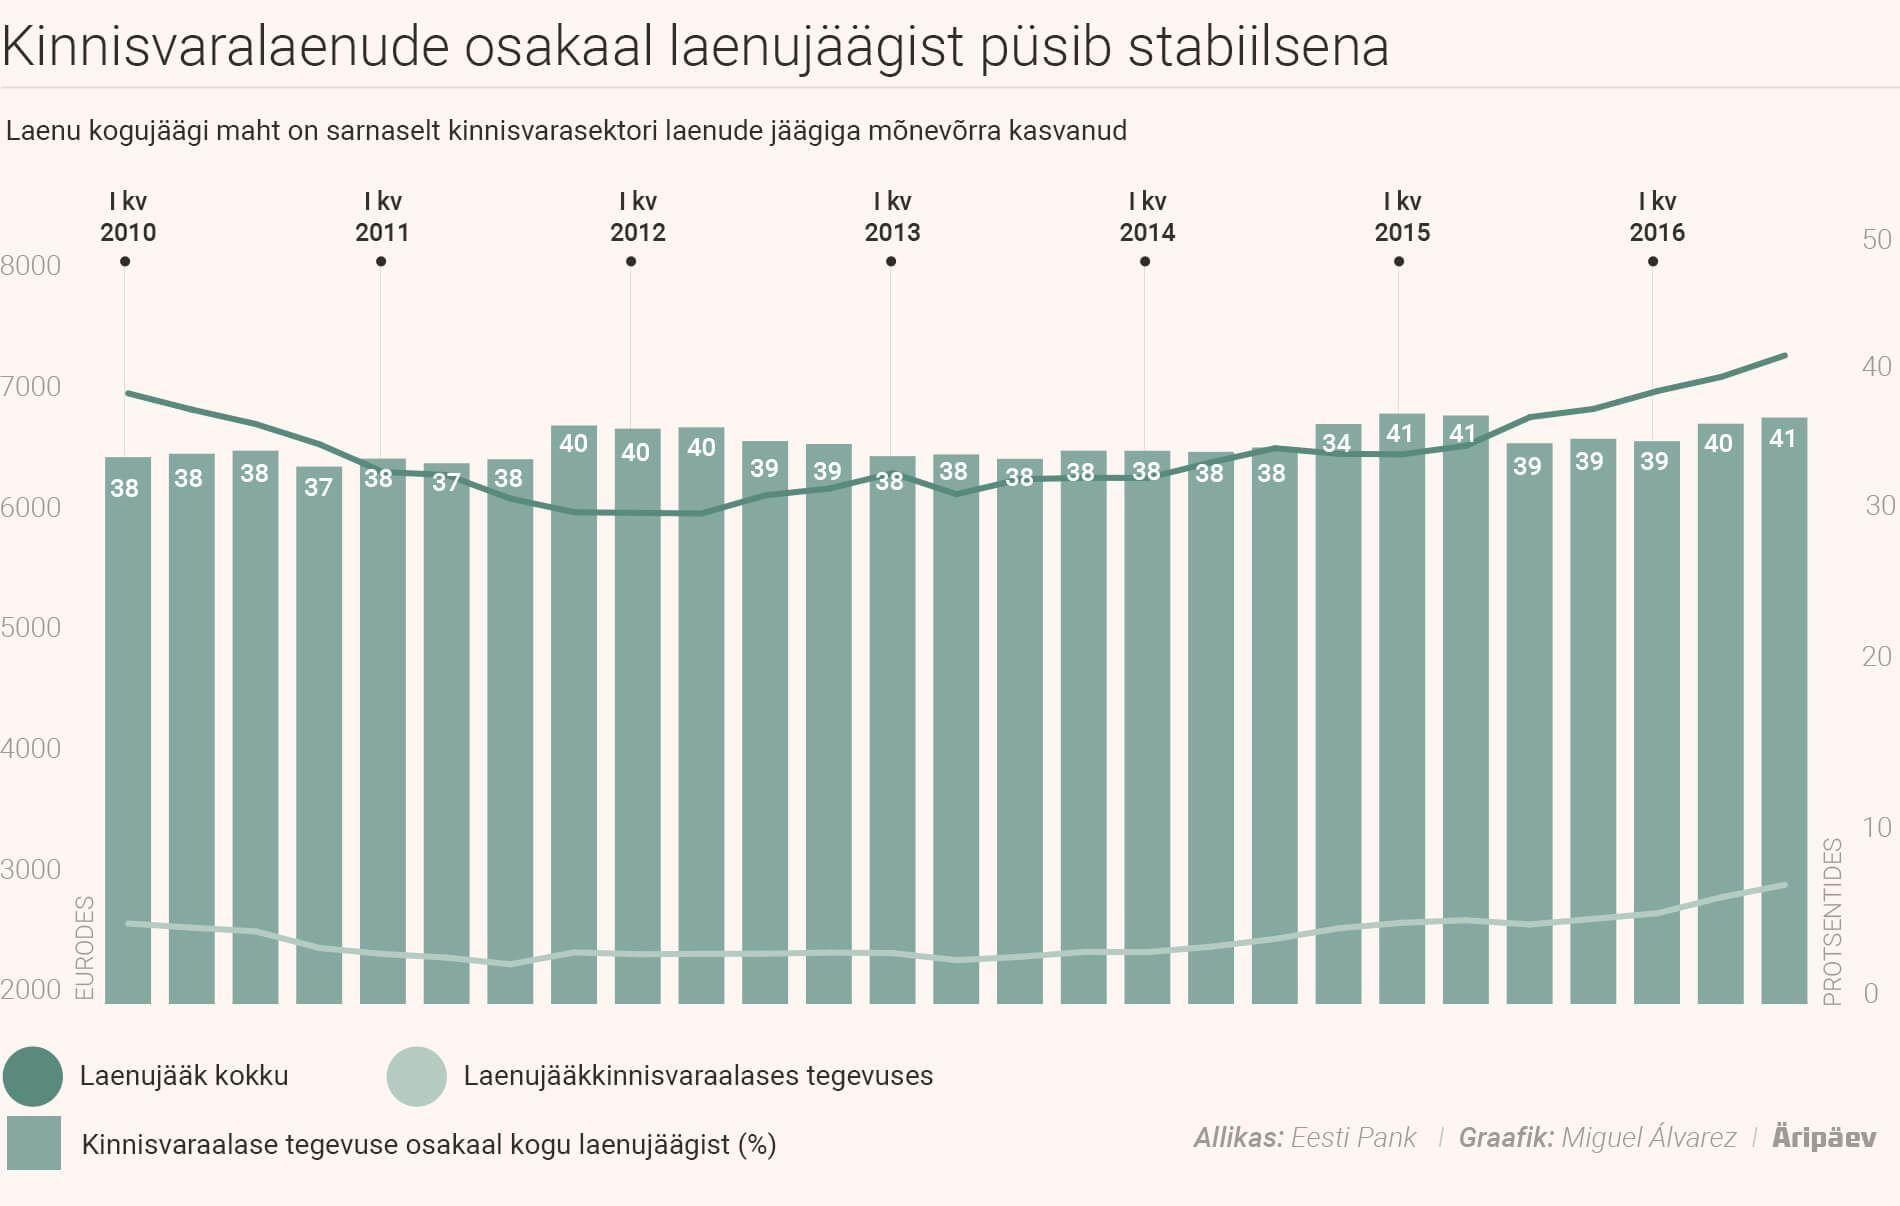 Kinnisvaralaenude osakaal laenujäägist püsib stabiilsena.